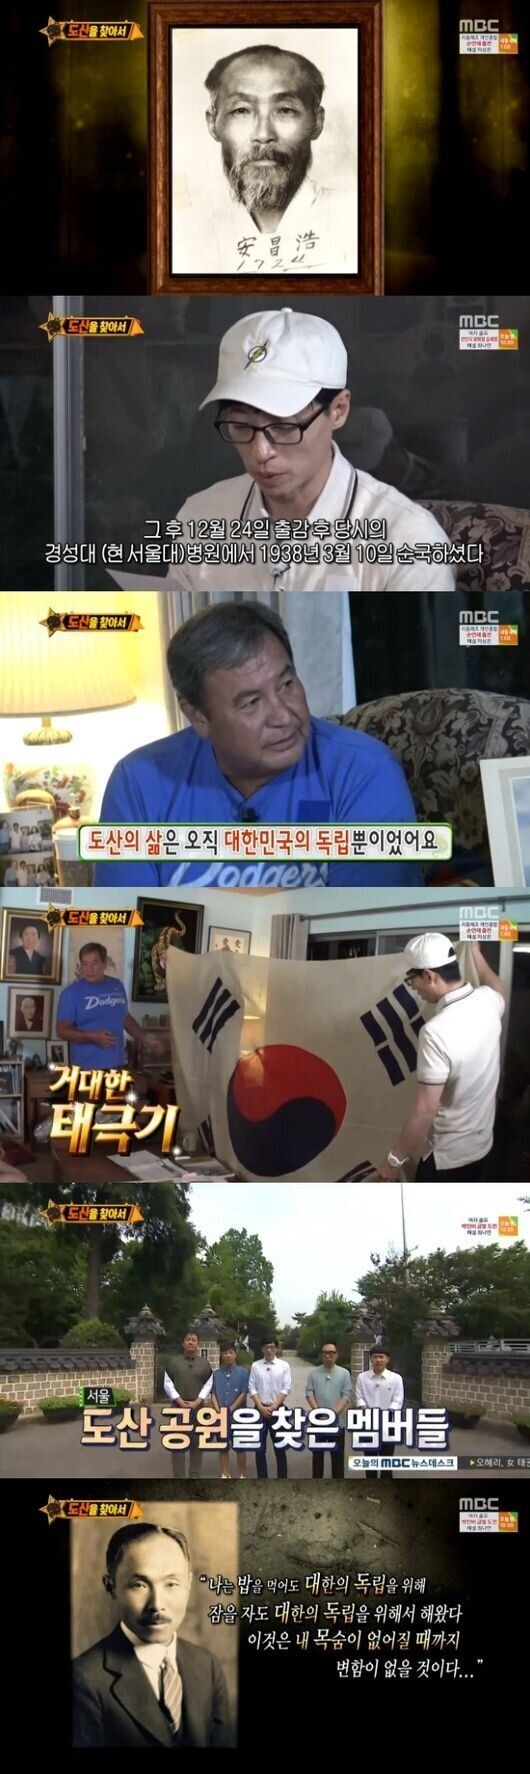 [어저께TV] '무도' 또 배웠고 울었다, 국민예능